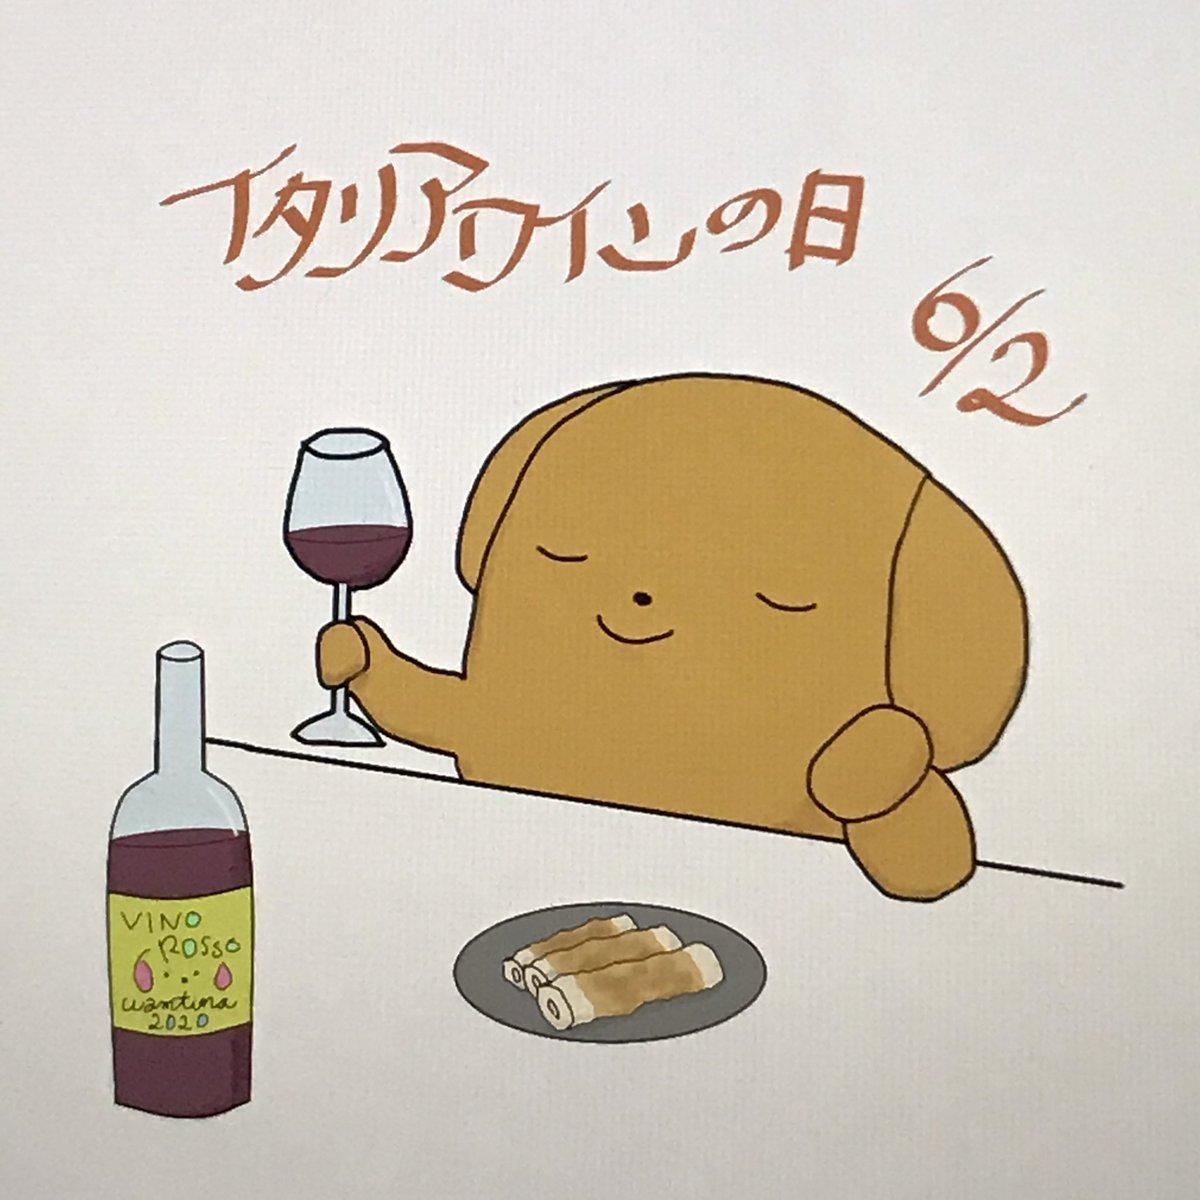 U´↥`U.。oO(今日の落書き)  #今日のわむ #わむ #6月2日 #いぬ #イヌ #犬 #dog #イラスト #illustration #落書き #イタリアワインの日 #ワイン #イタリアpic.twitter.com/h0QzrTk2sh